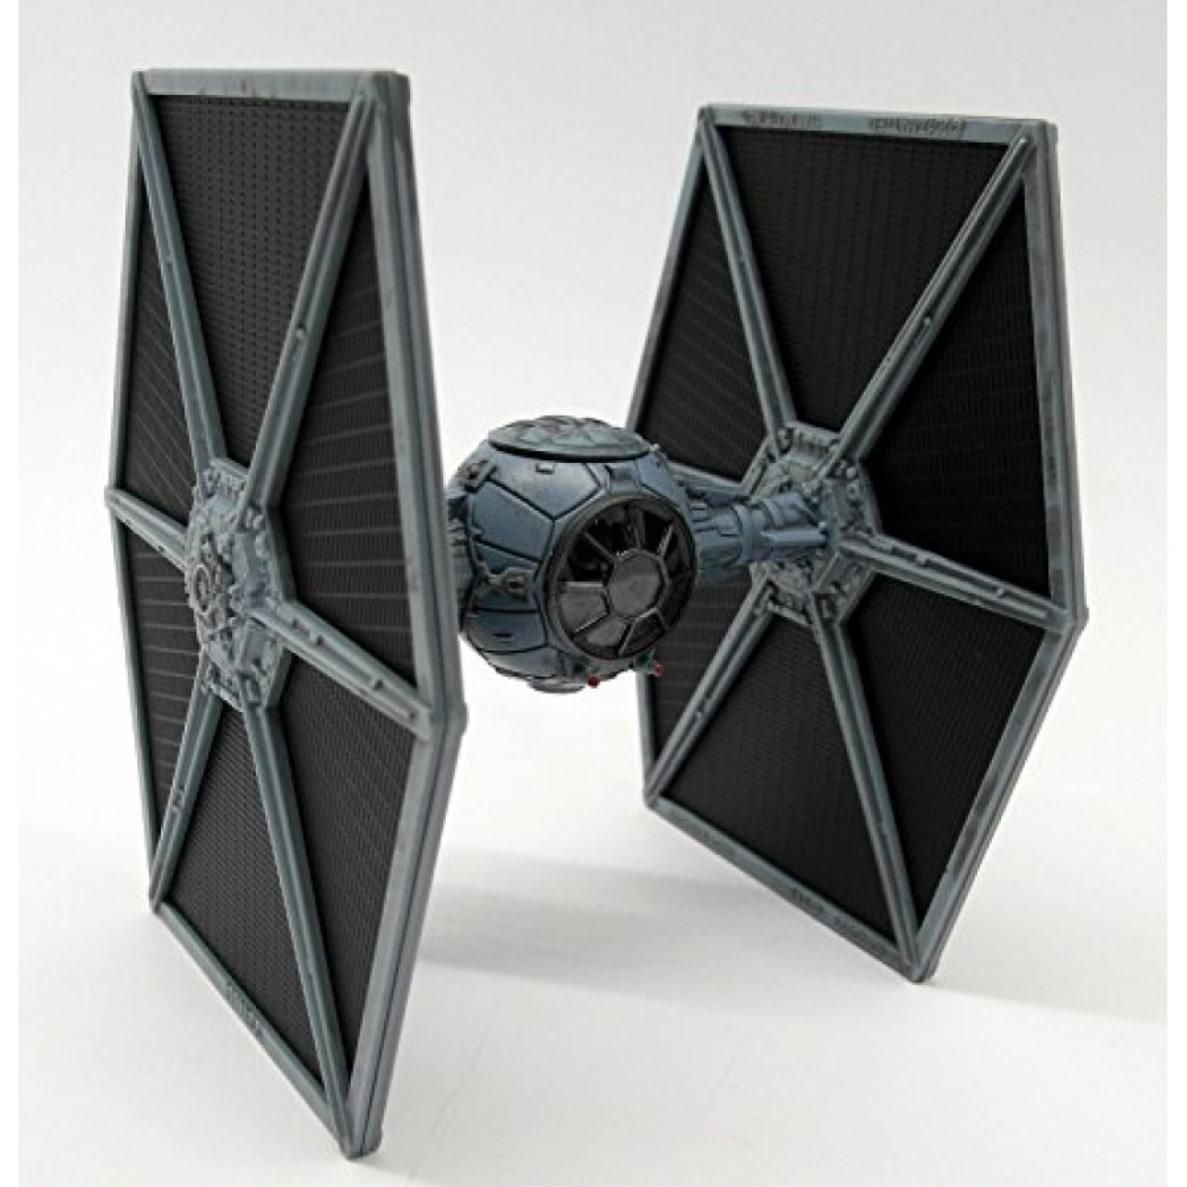 Hotwheels Star Wars Episode V: Tie Fighter Starship 6 inch